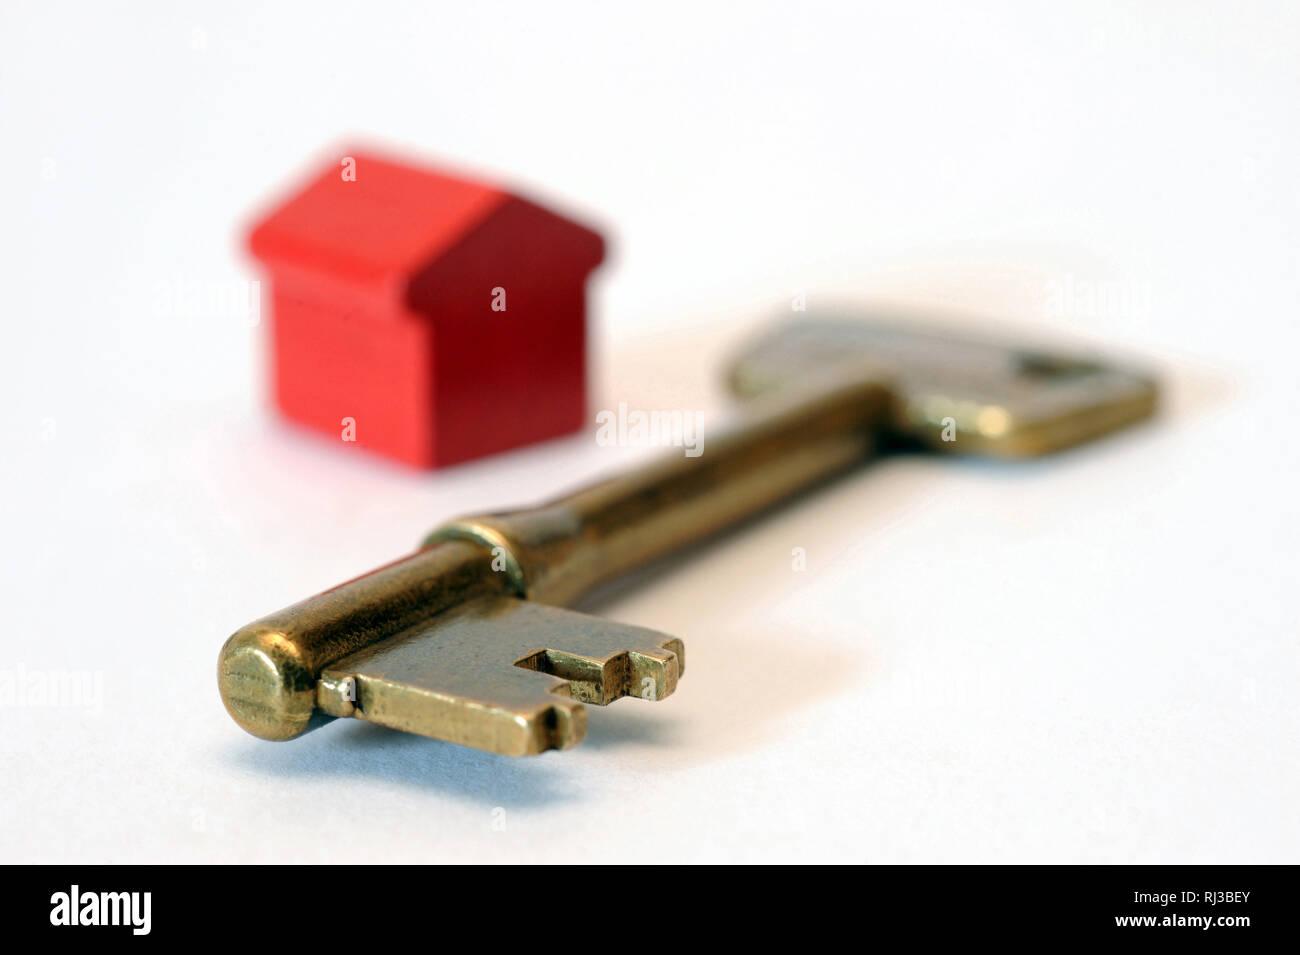 Llave de CASA CON CASA MODELO RE hipotecas de vivienda financiar la compra de ahorros equity release ETC UK Foto de stock